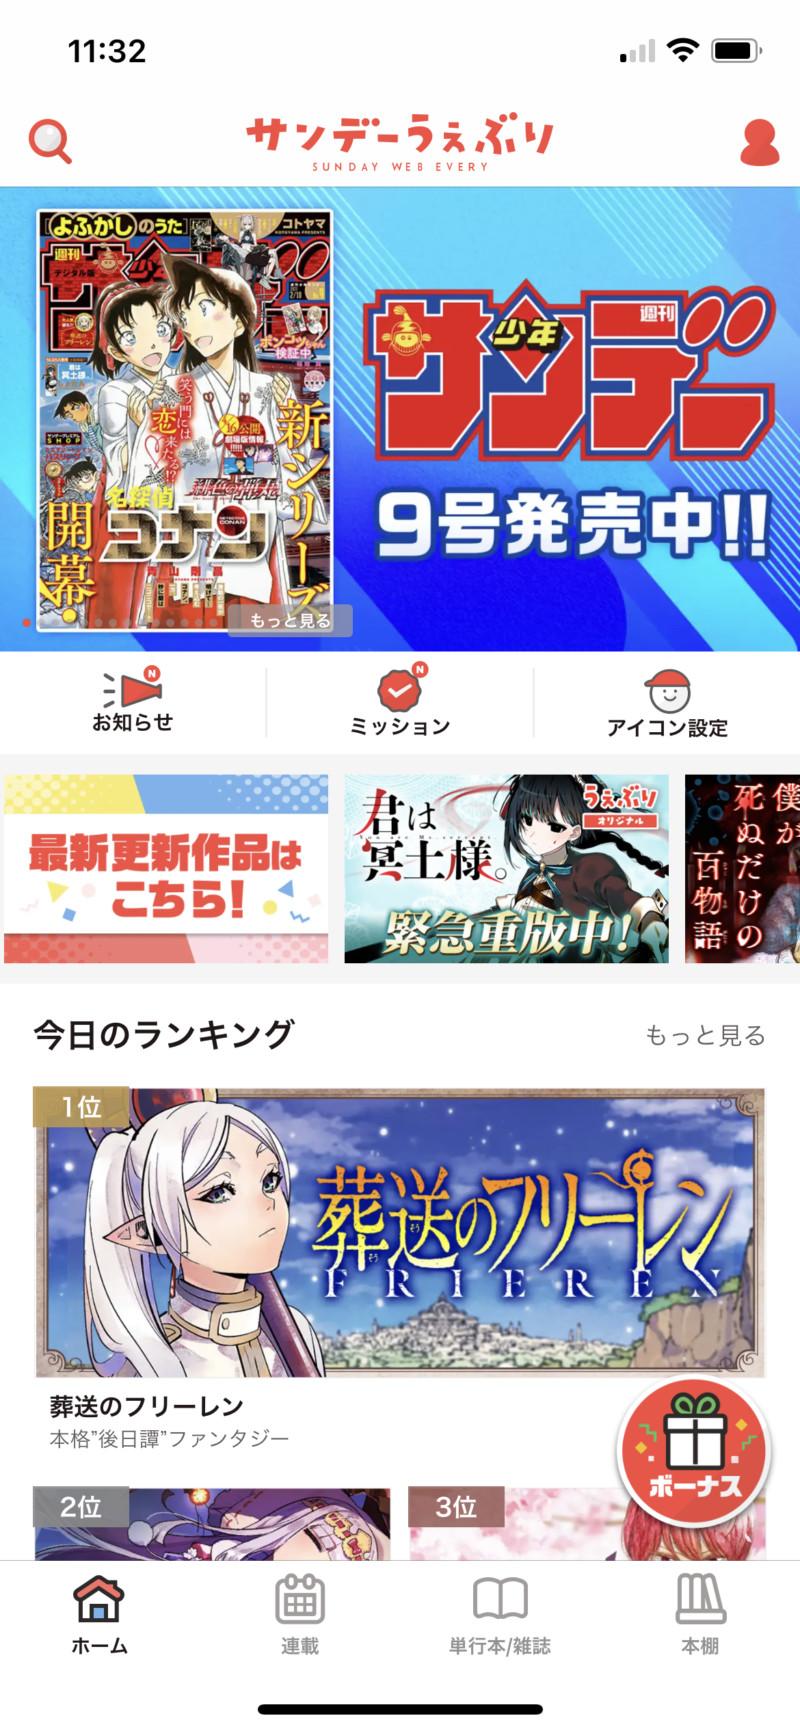 サンデーうぇぶりのアプリ画面